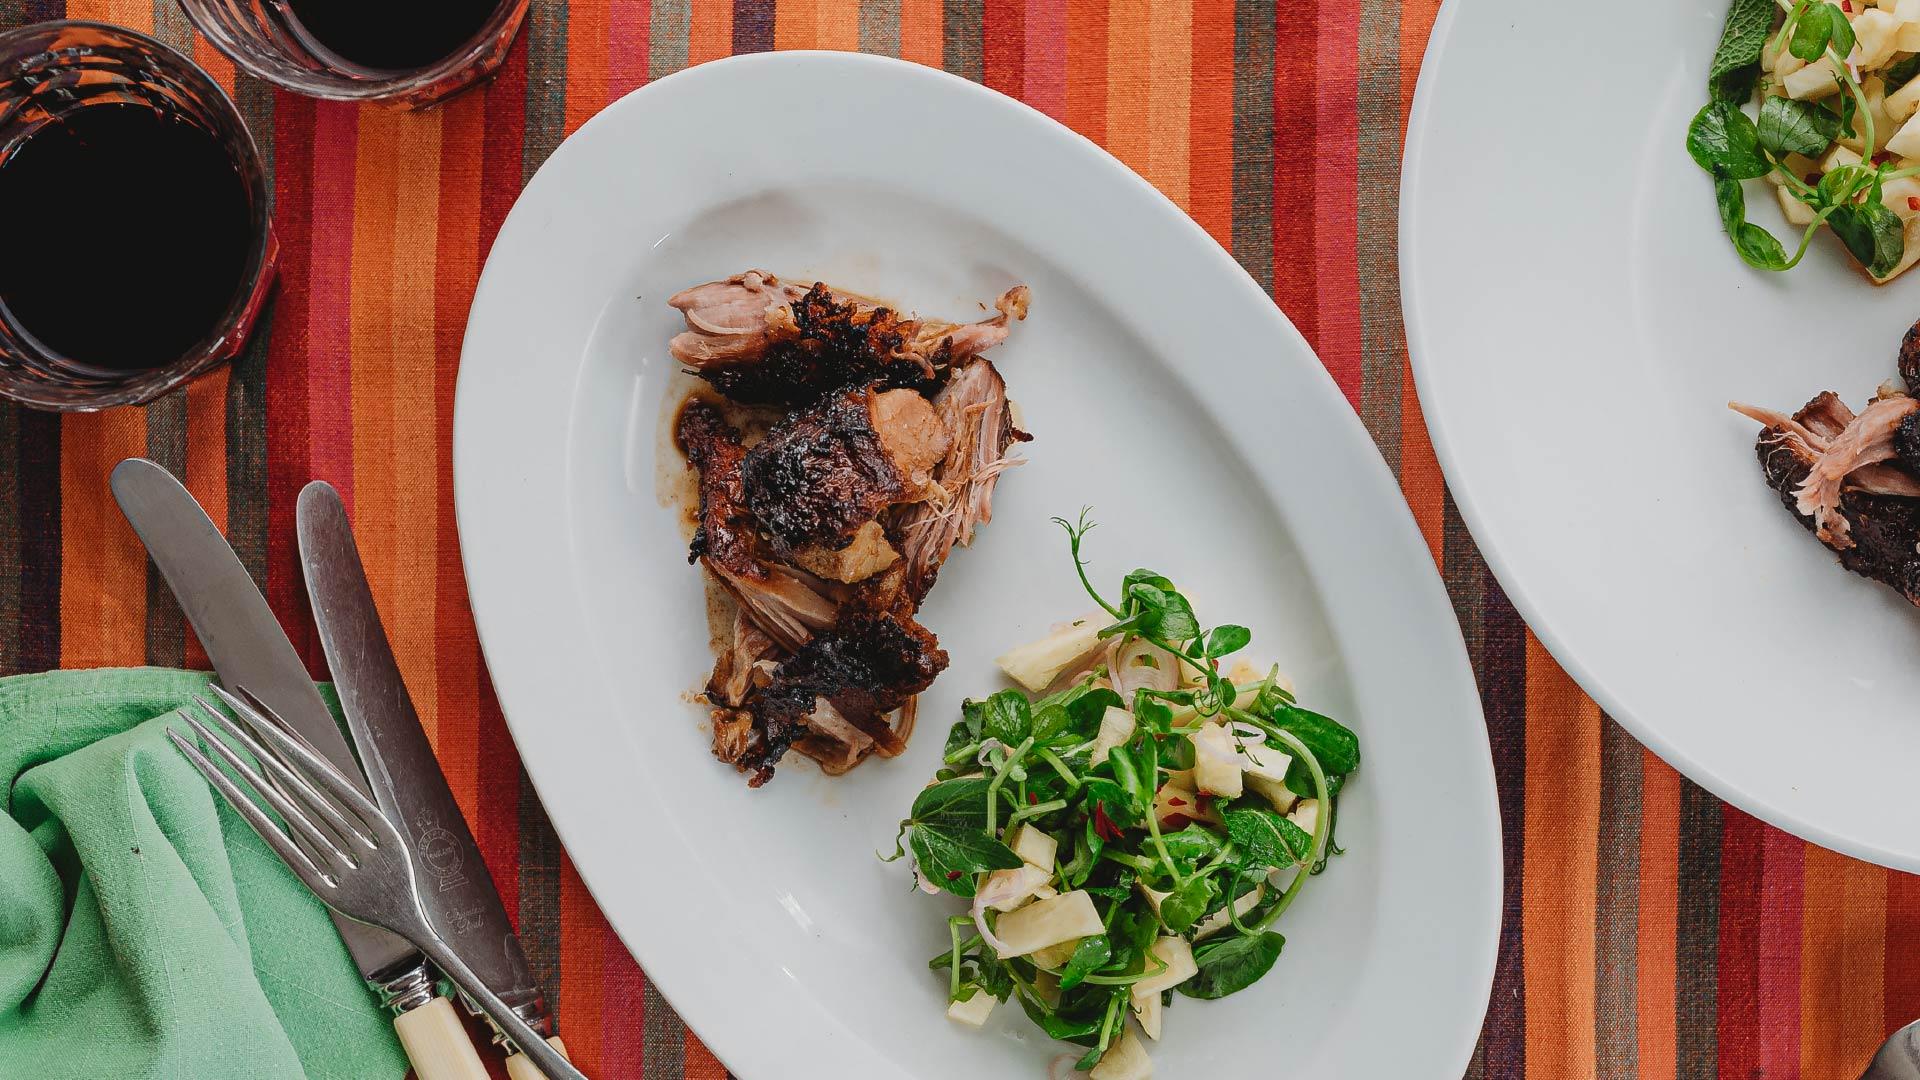 Braised Pork and Pineapple Salsa